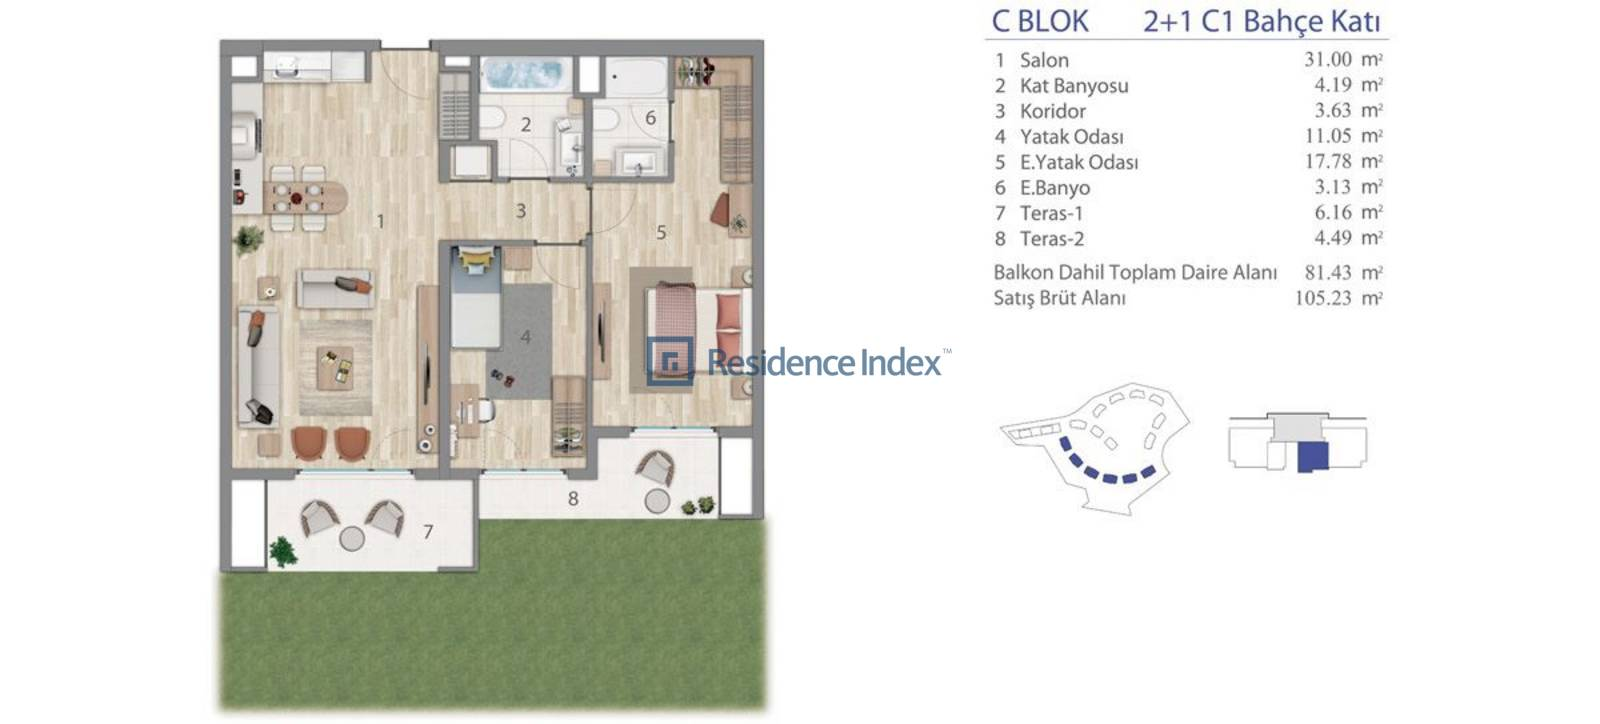 5.LEVENT C Blok Bahçe Katı C1